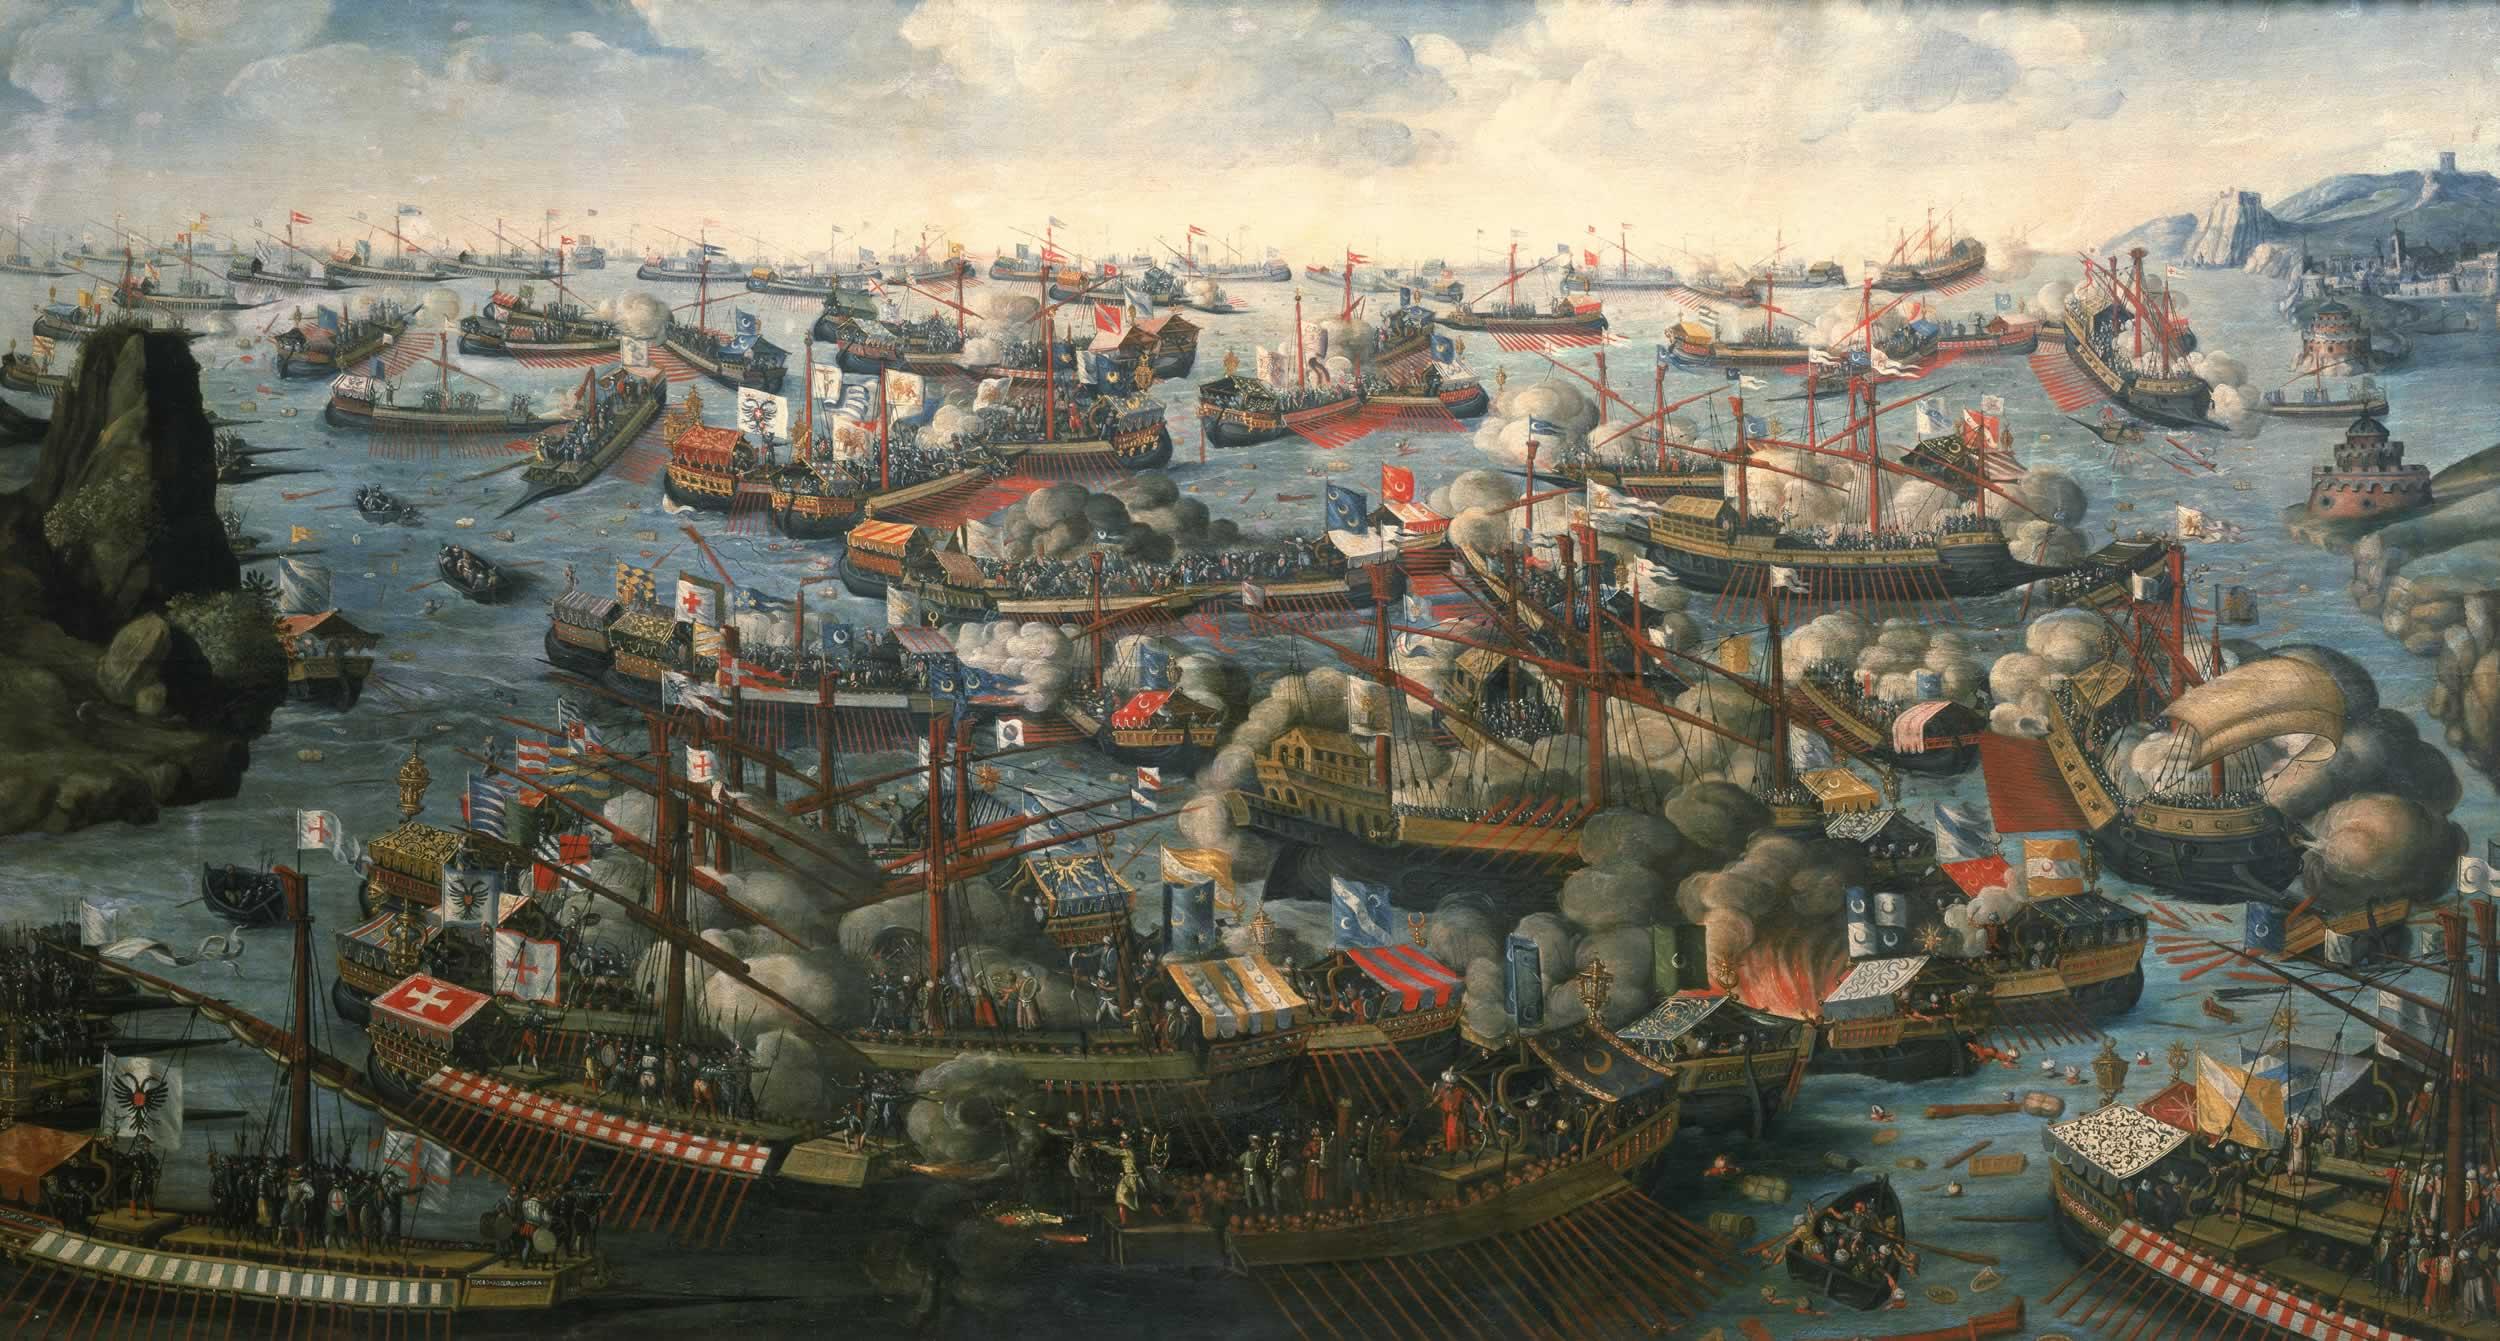 La bataille de Lépante du 7 octobre 1571, artiste inconnu, tableau du XVIe siècle.